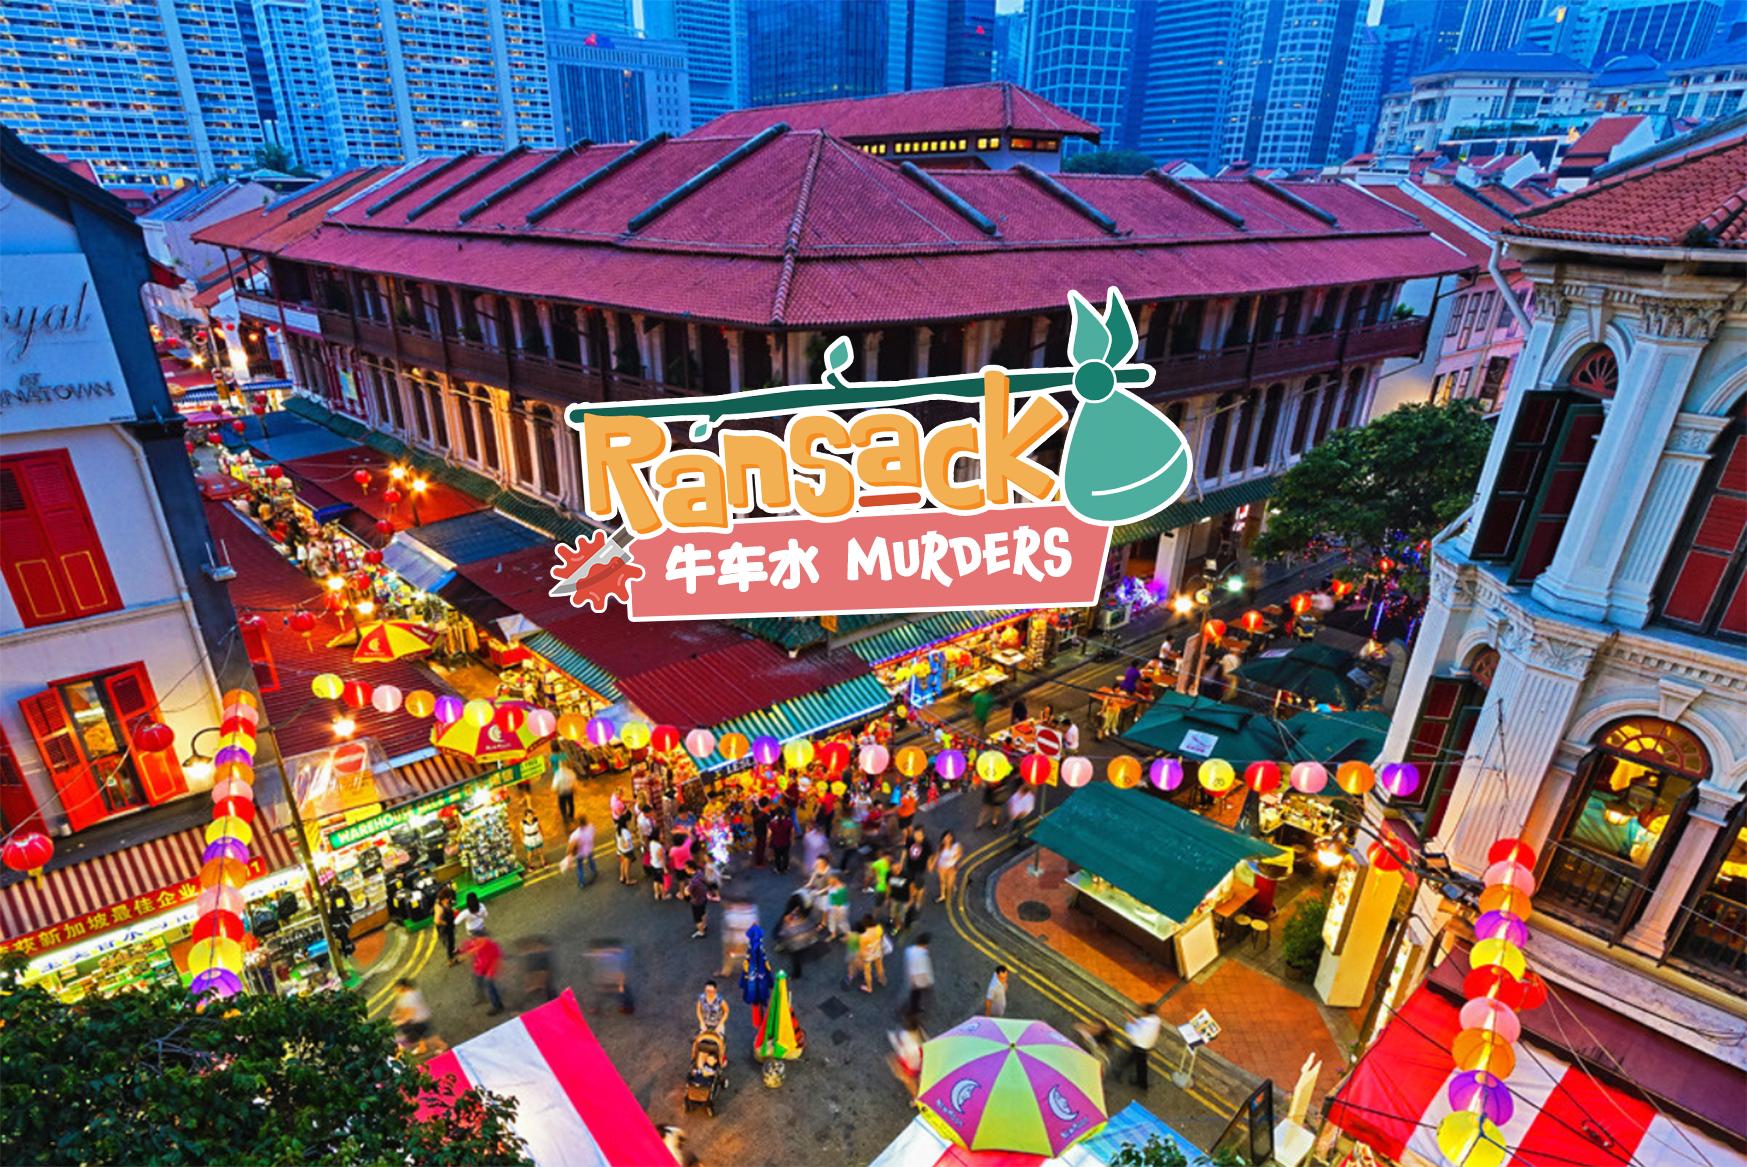 Chinatown Murders